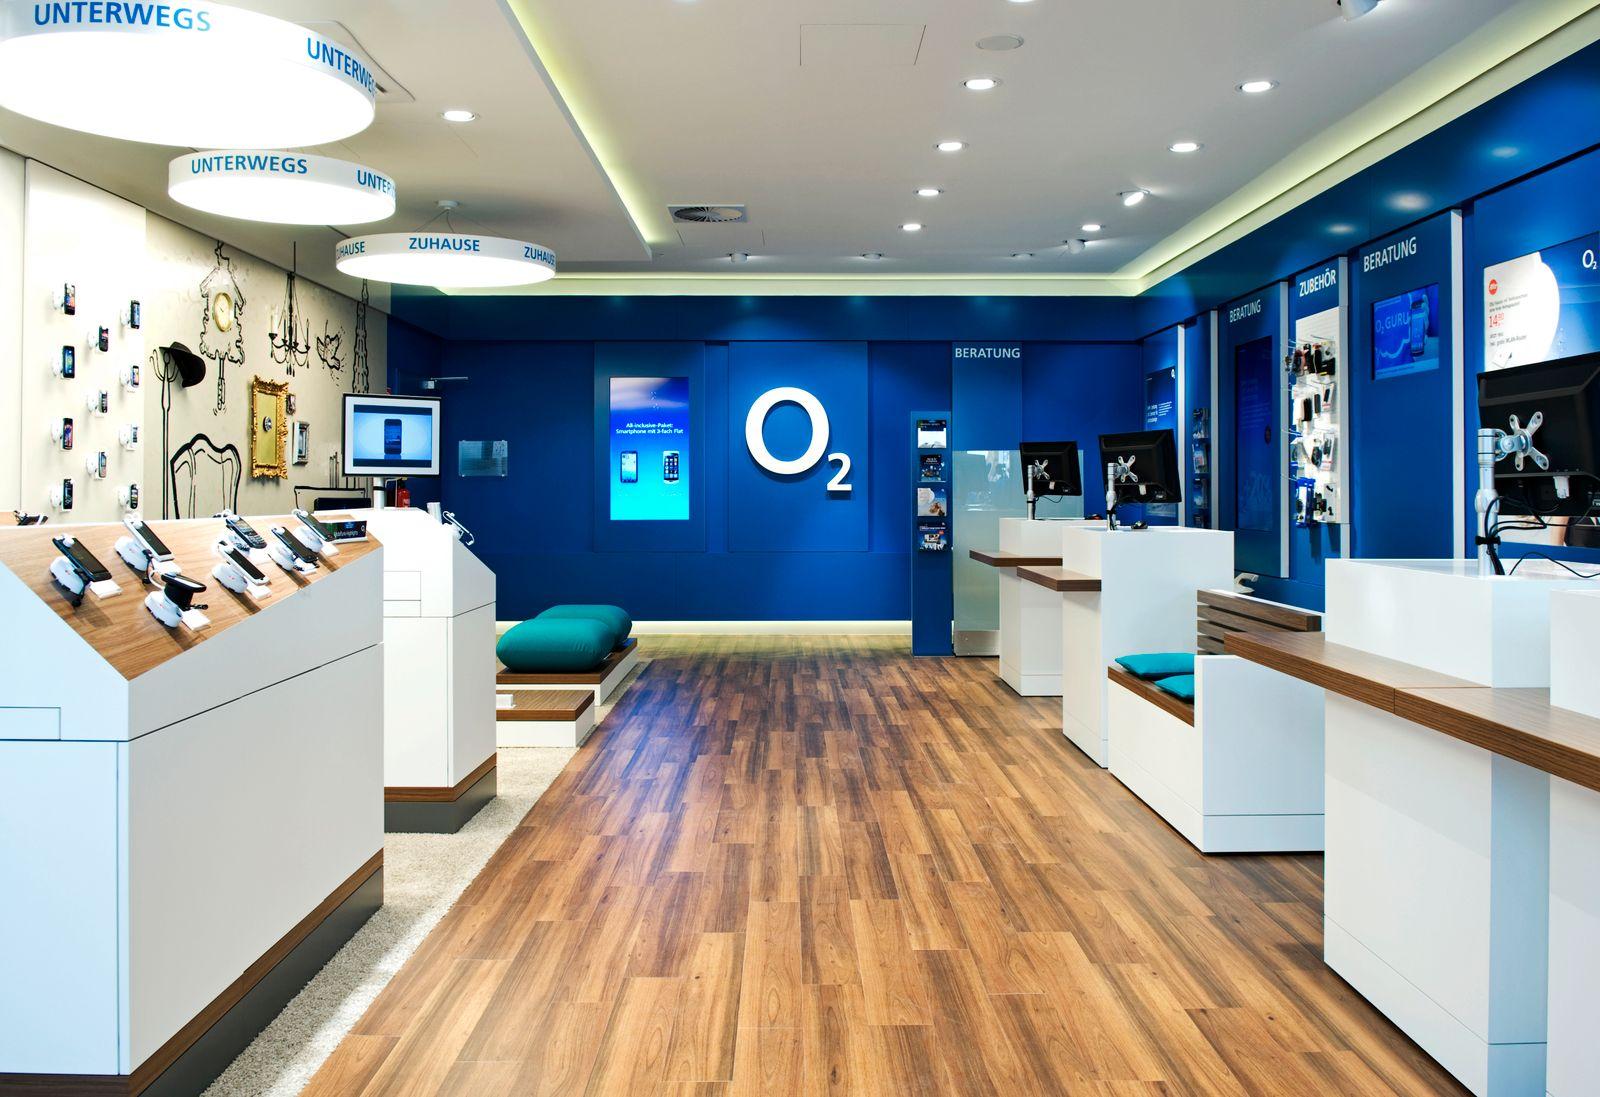 O2 Shop / Ulm